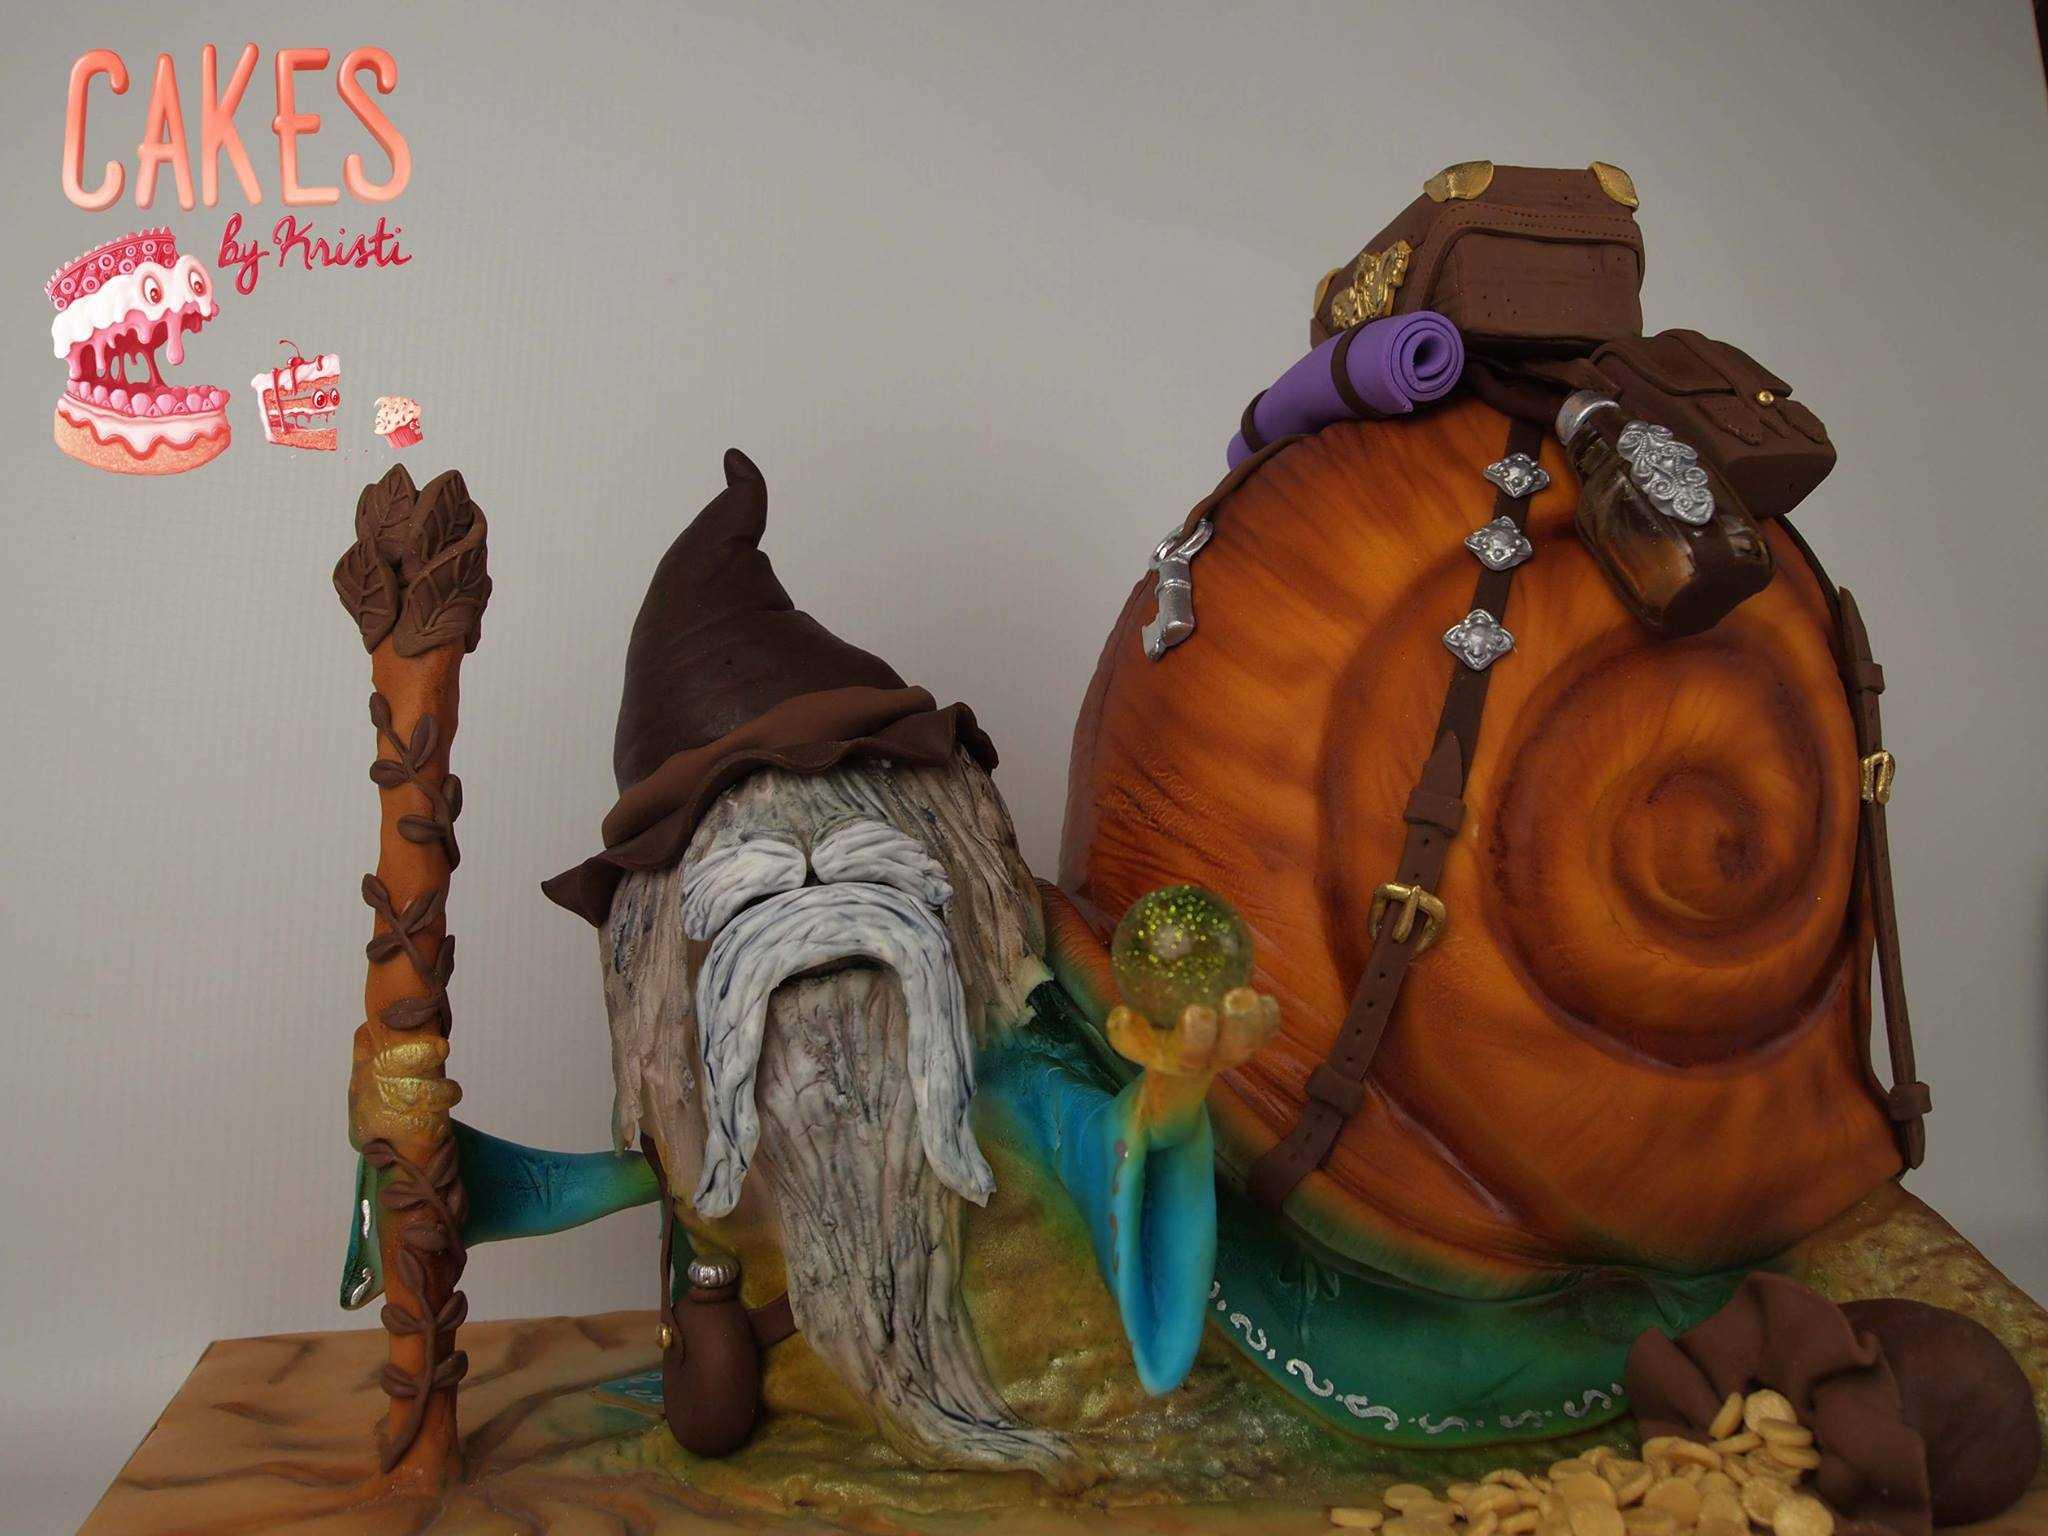 Mythical troll snail